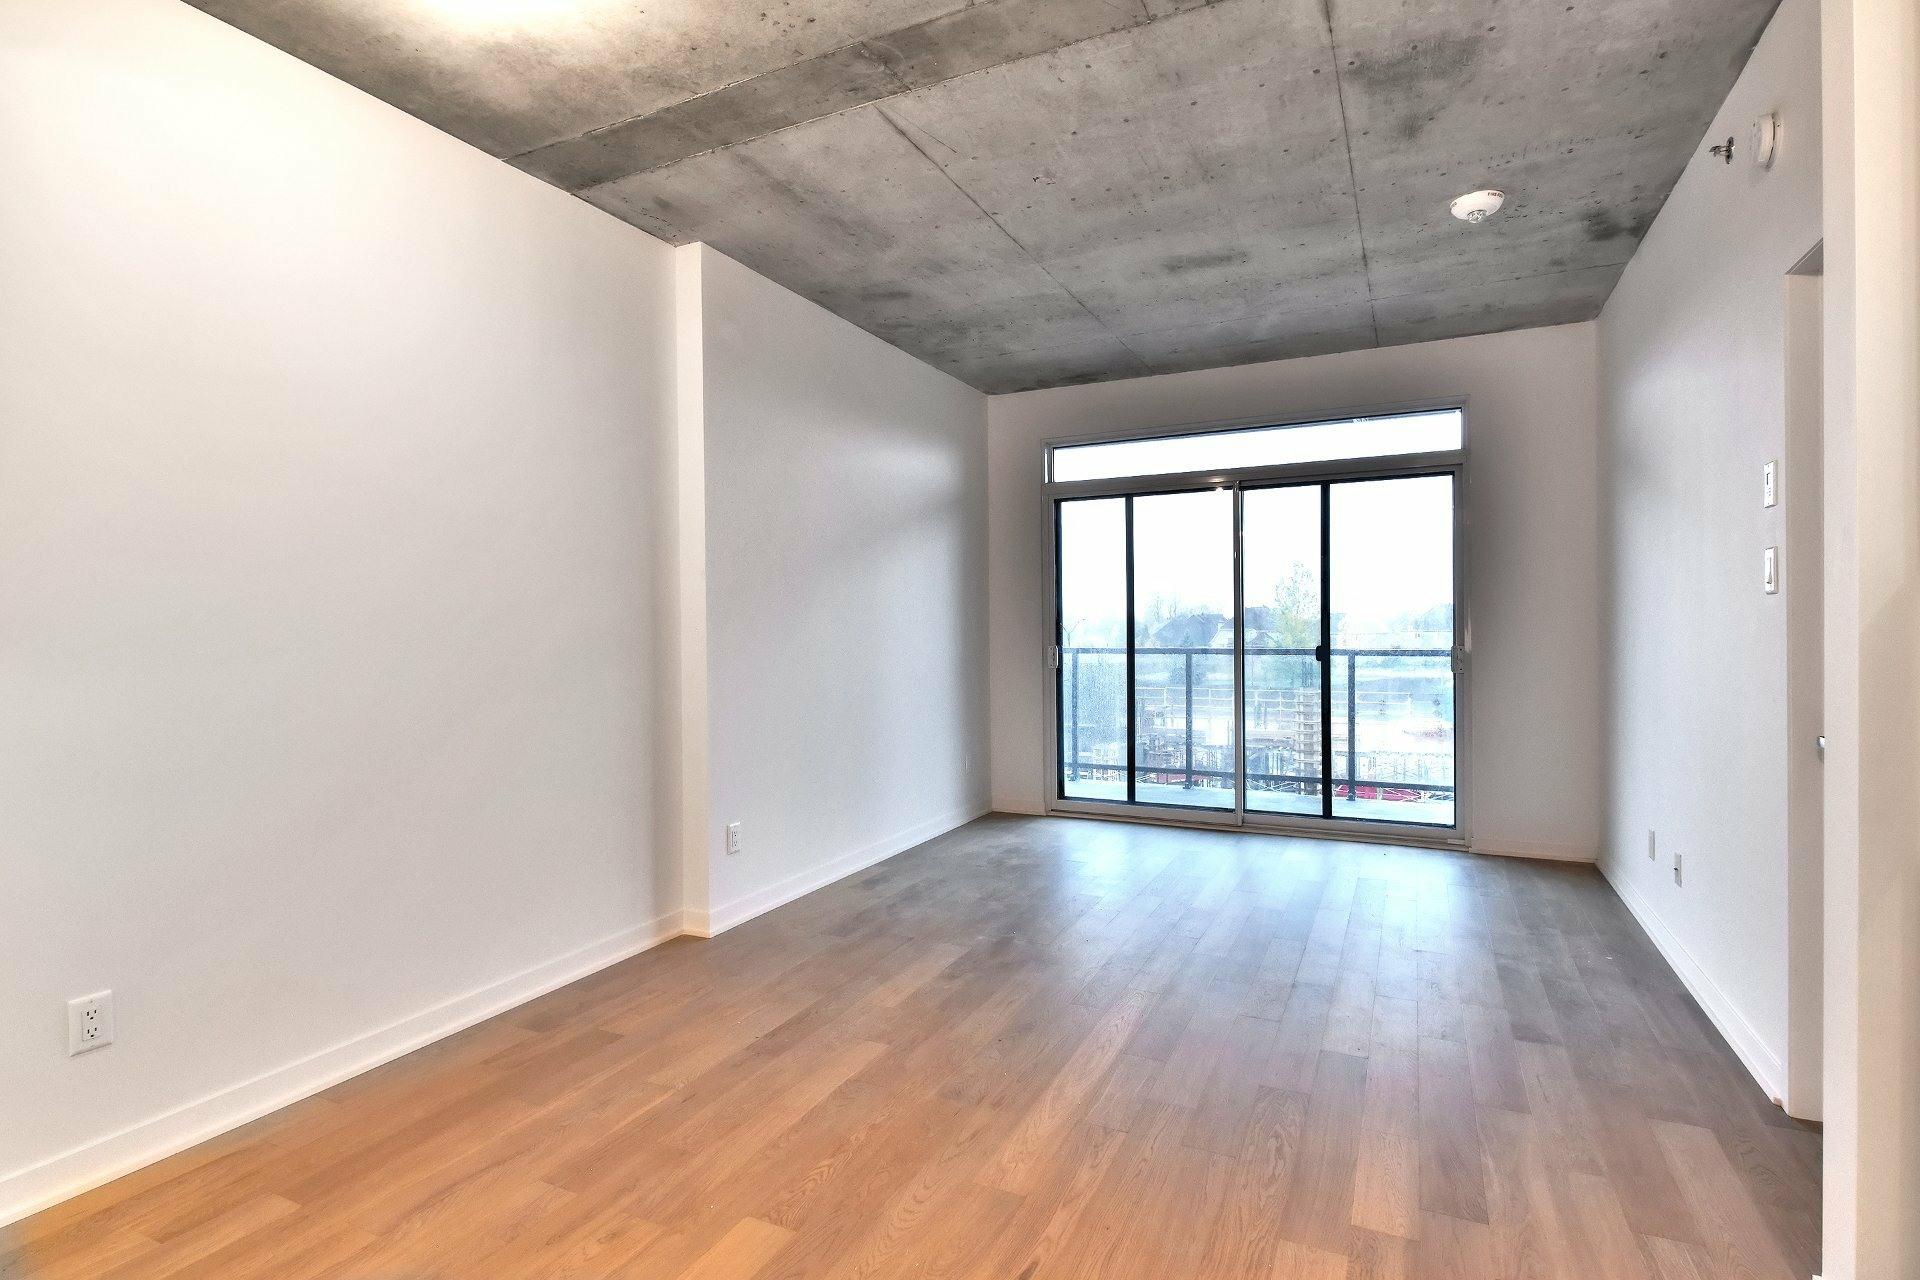 image 7 - Appartement À louer Brossard - 4 pièces